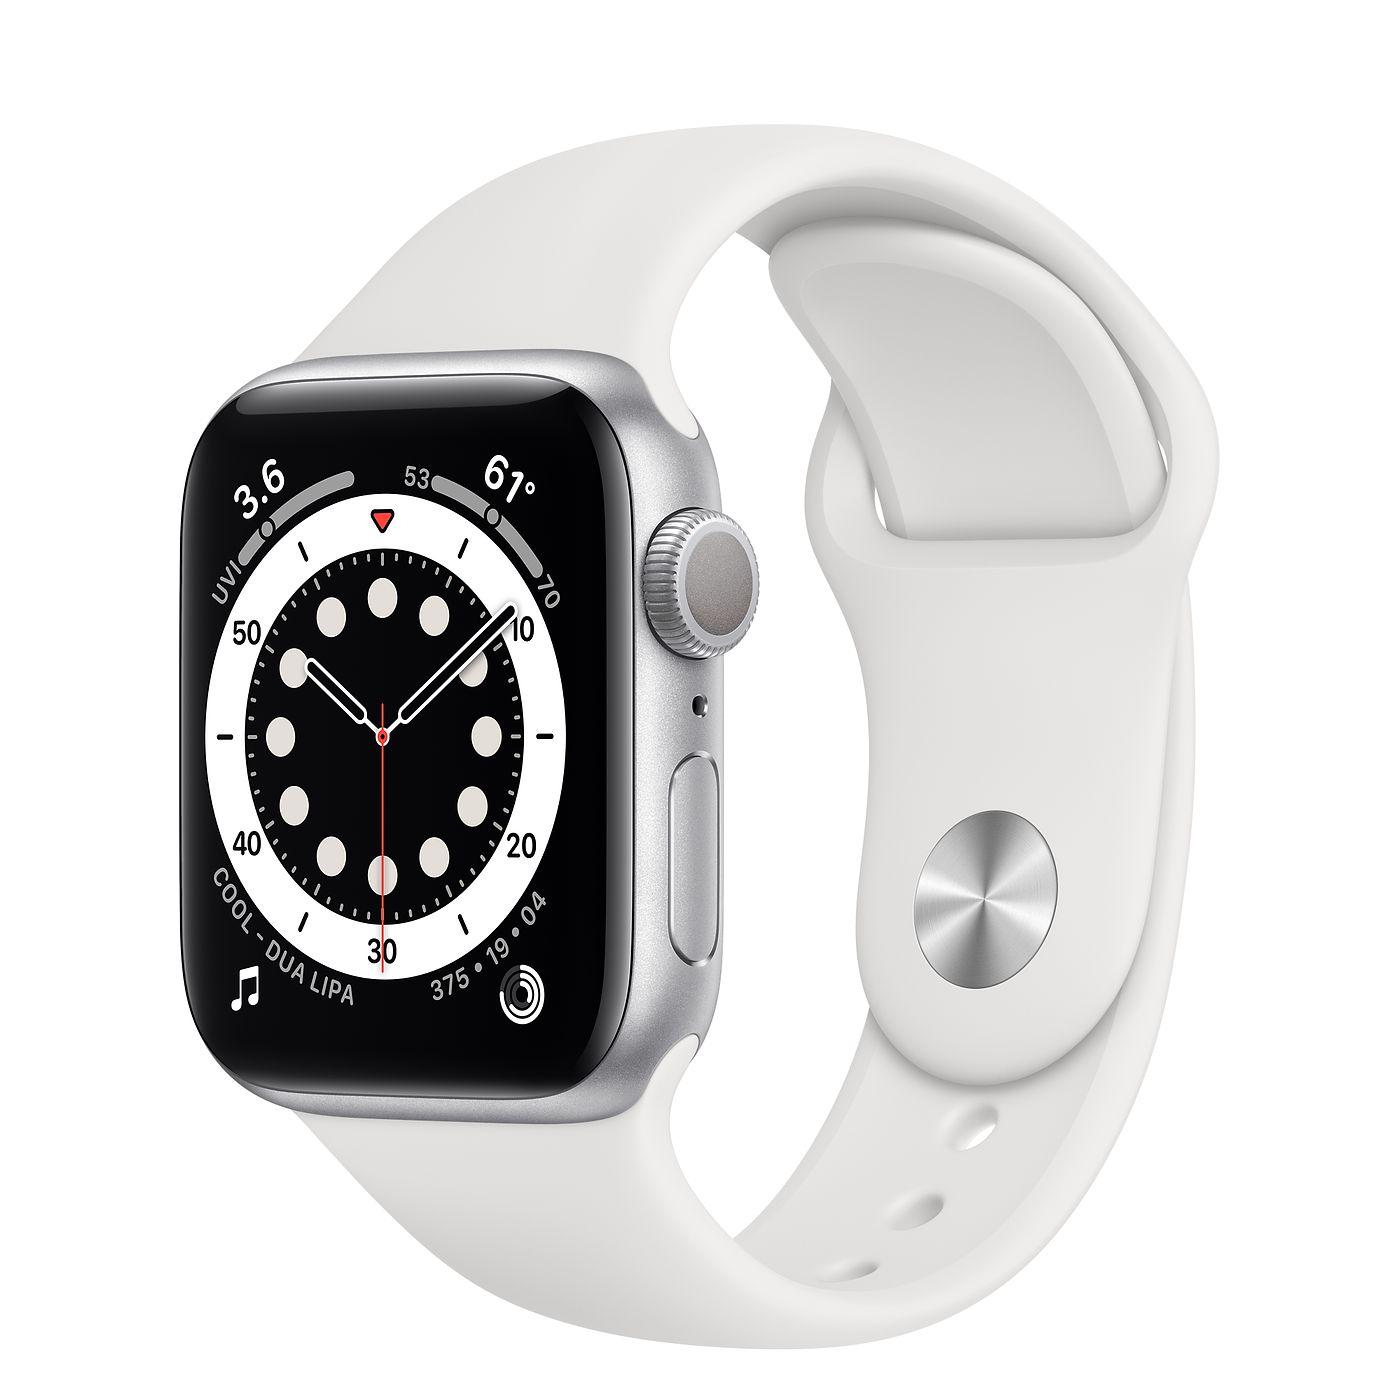 Apple 2020년 애플워치 6, GPS, 실버 알루미늄 케이스, 화이트 스포츠 밴드